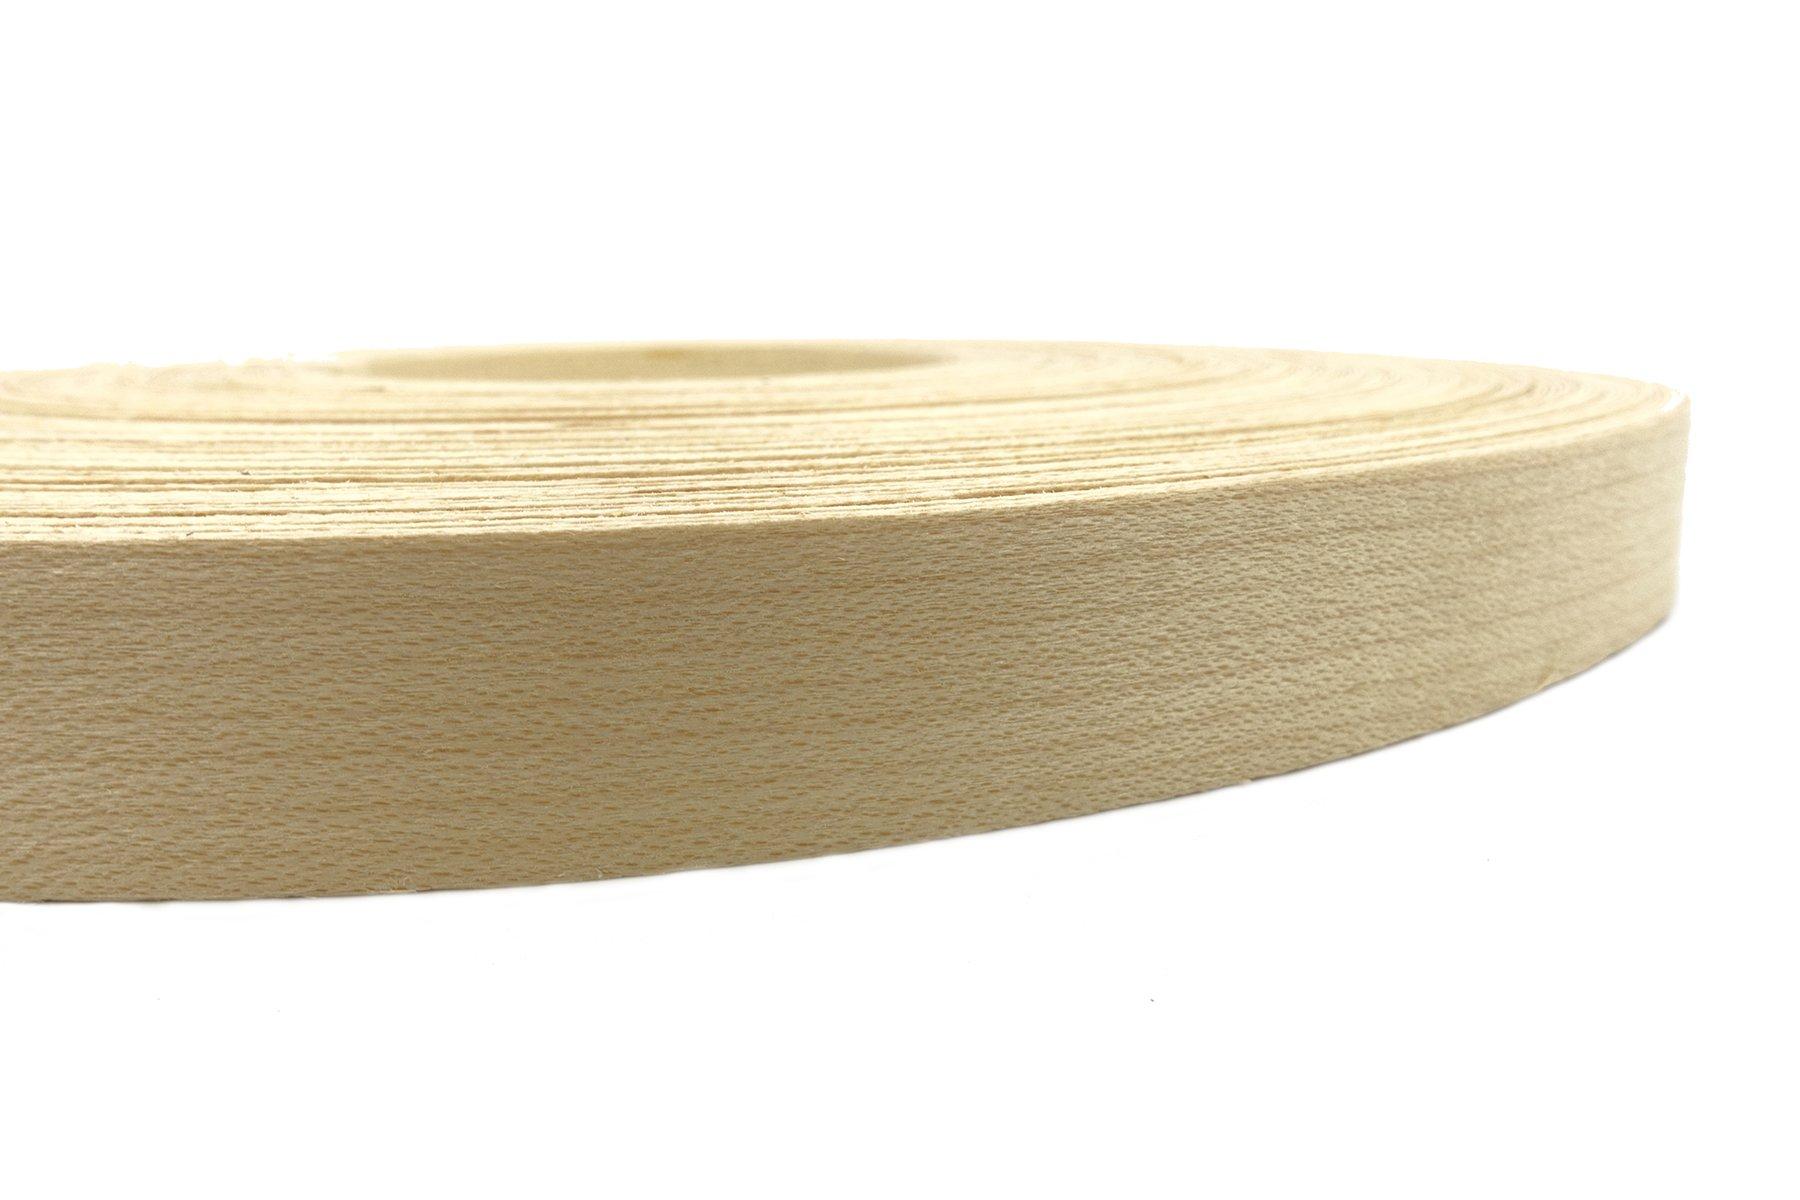 Maple Wood Veneer Edge Banding Preglued 3/4'' X 250' Roll by Beach Handiworks (Image #5)